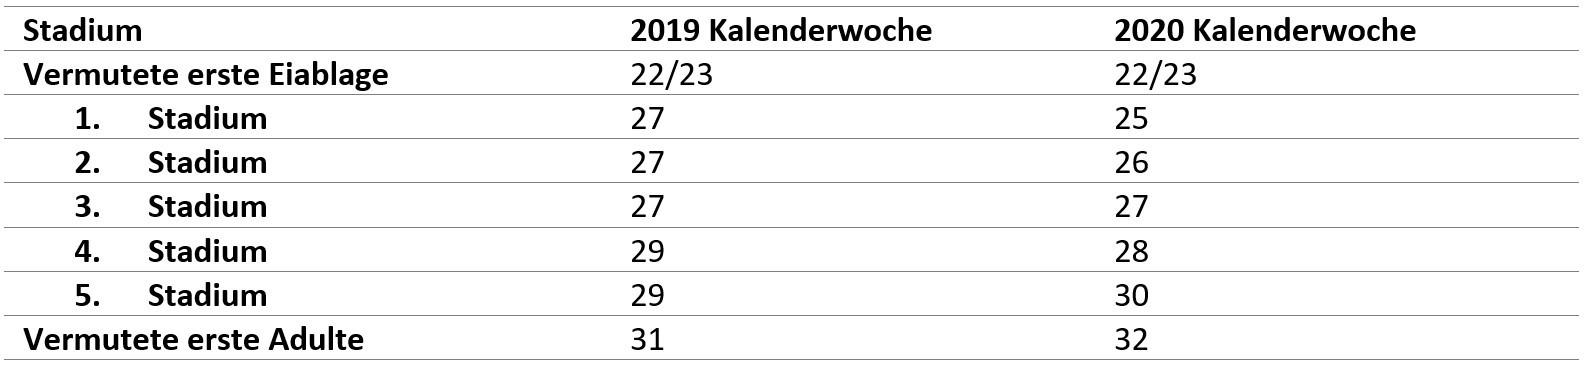 Tabelle Marmorierte Baumwanze Vergleich Erstauftreten Nymphen 2019 & 2020